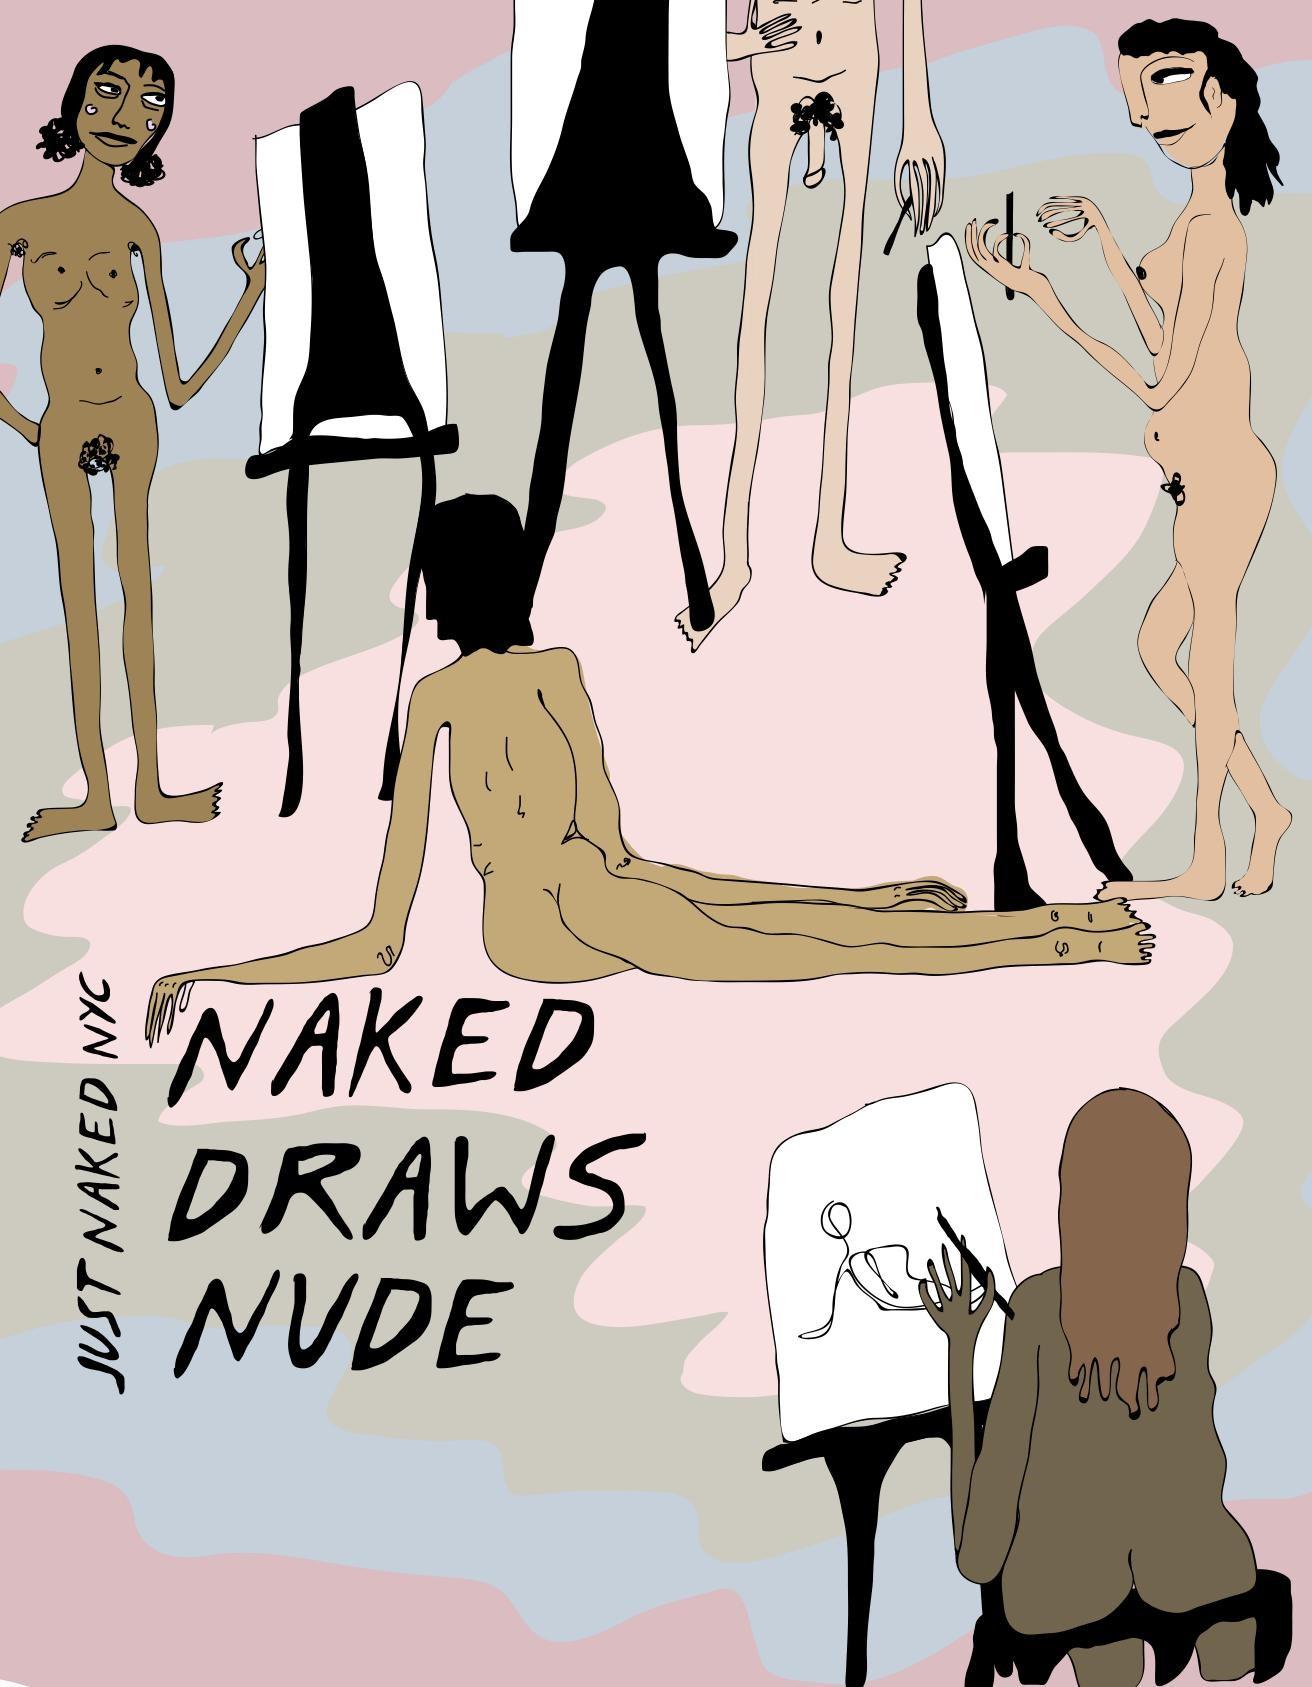 draw nude.jpg